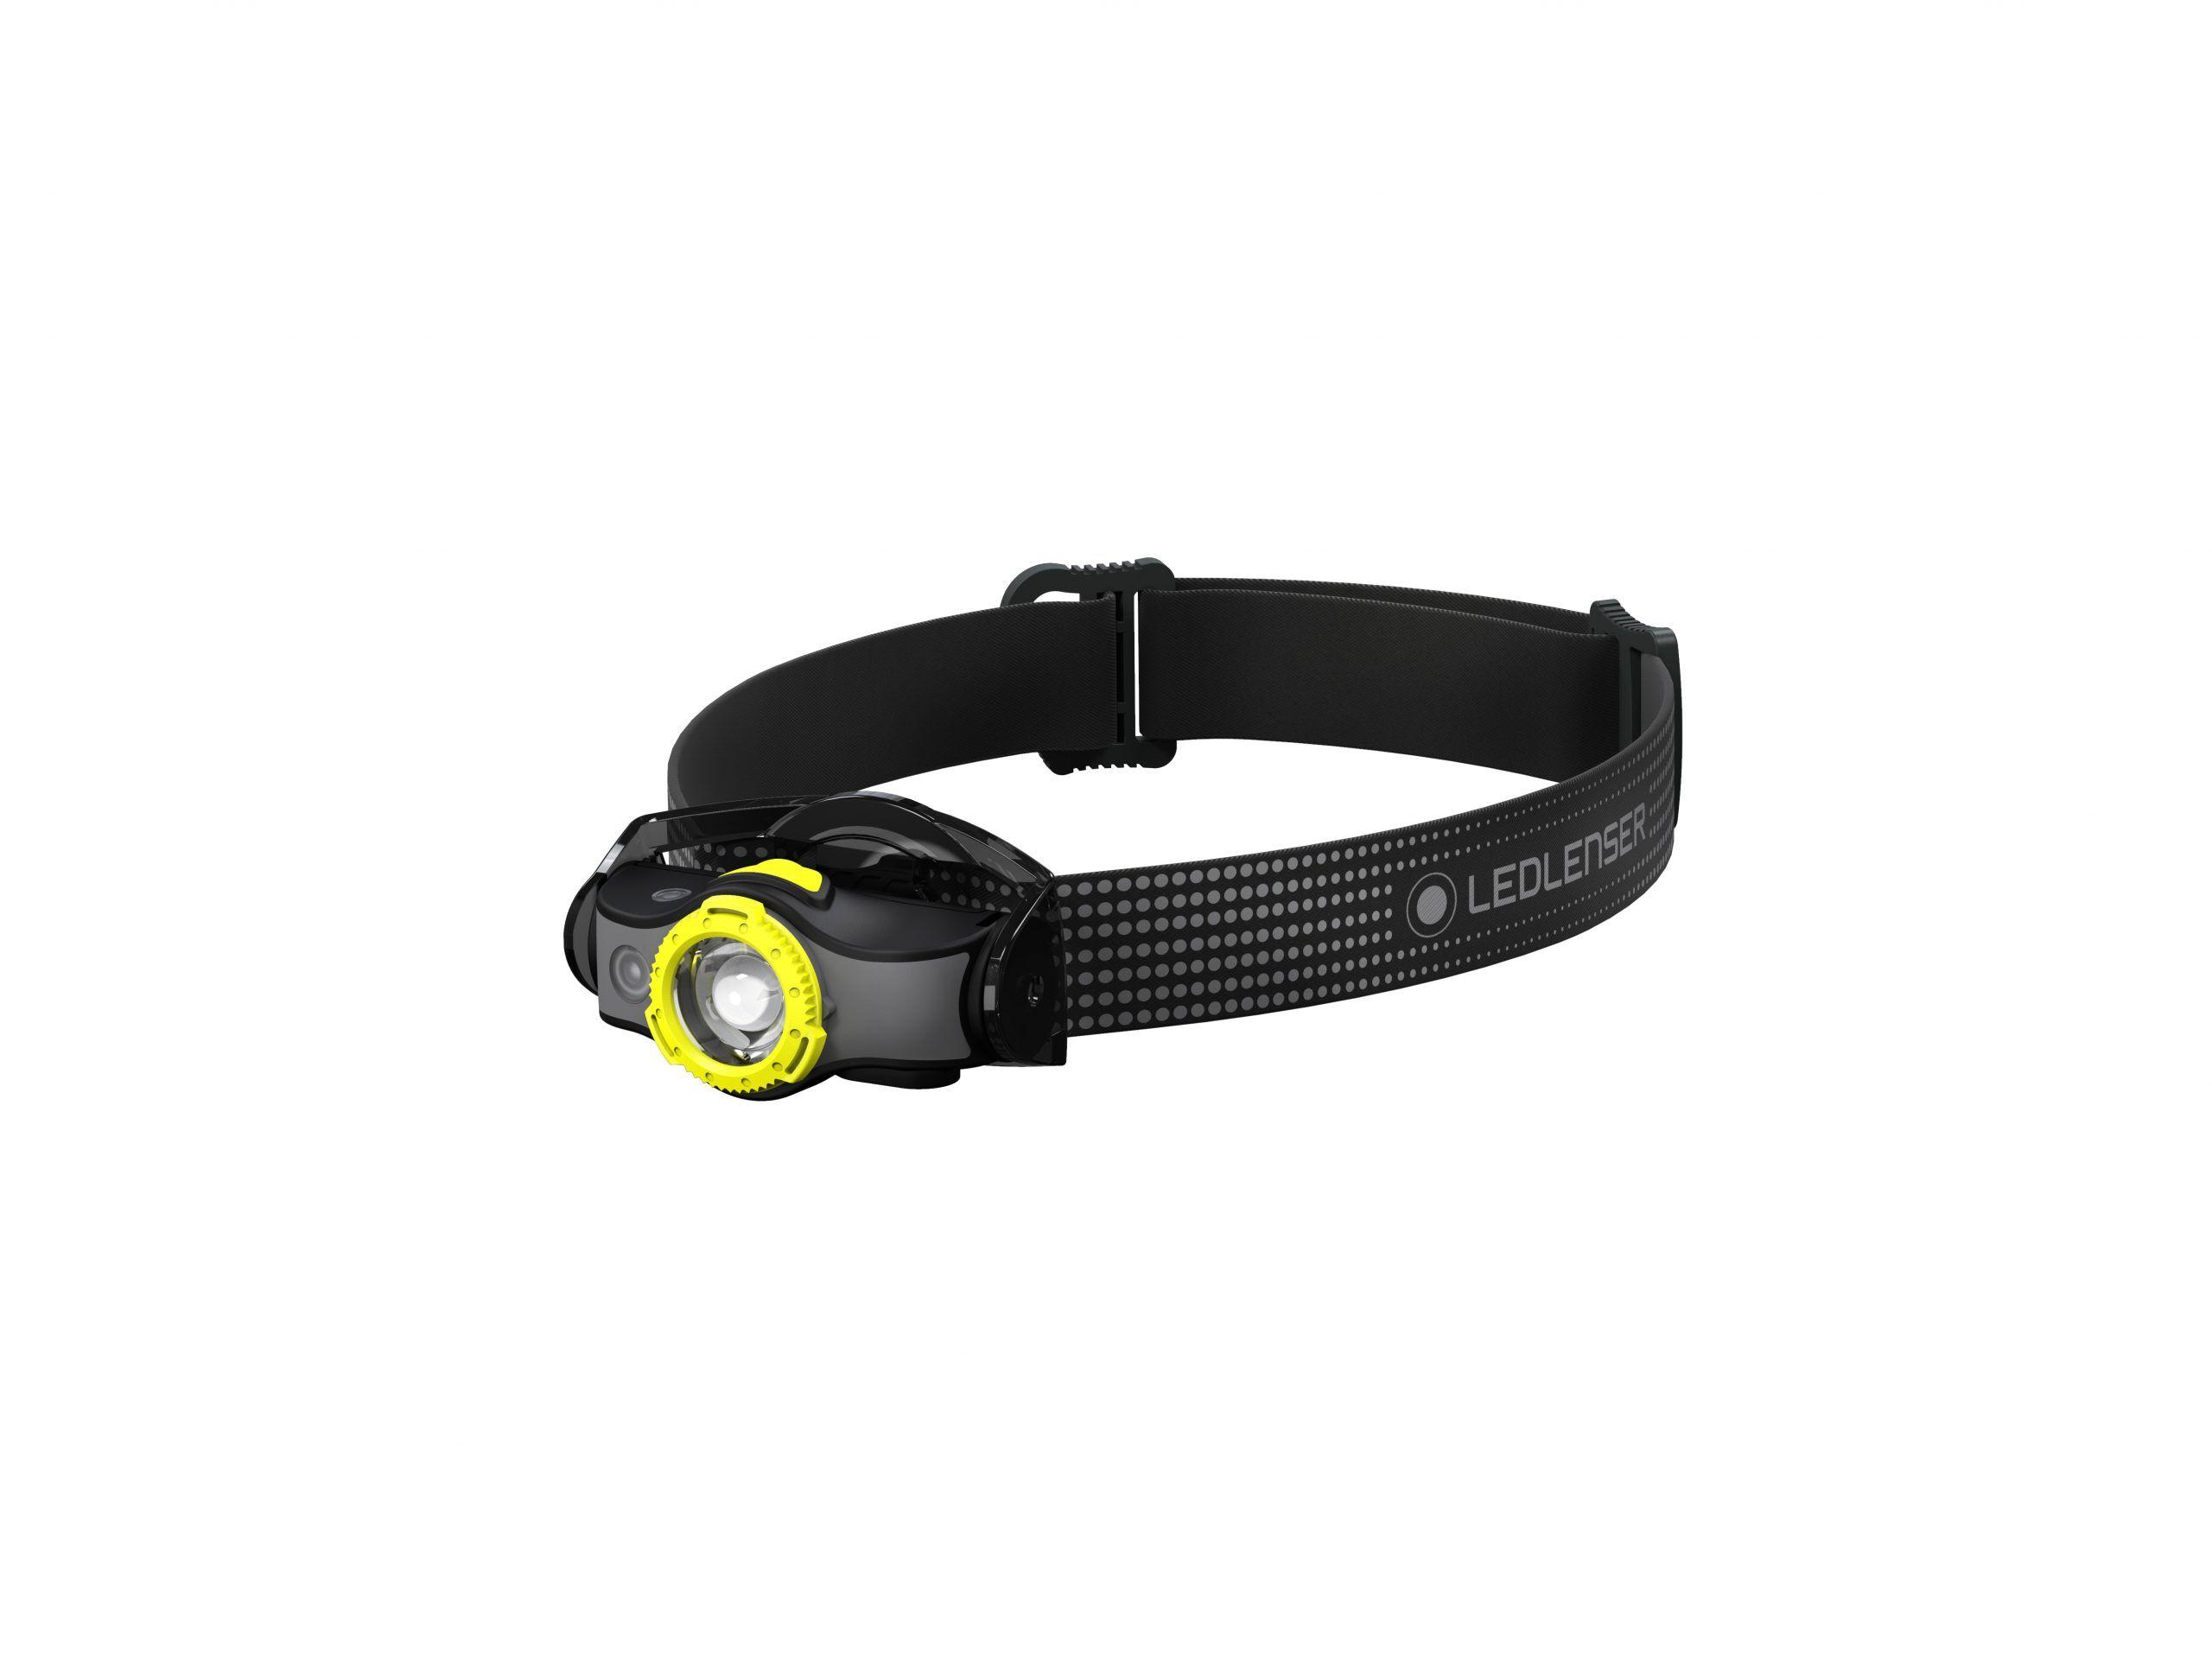 Ledlenser MH5 Black/Yellow-0